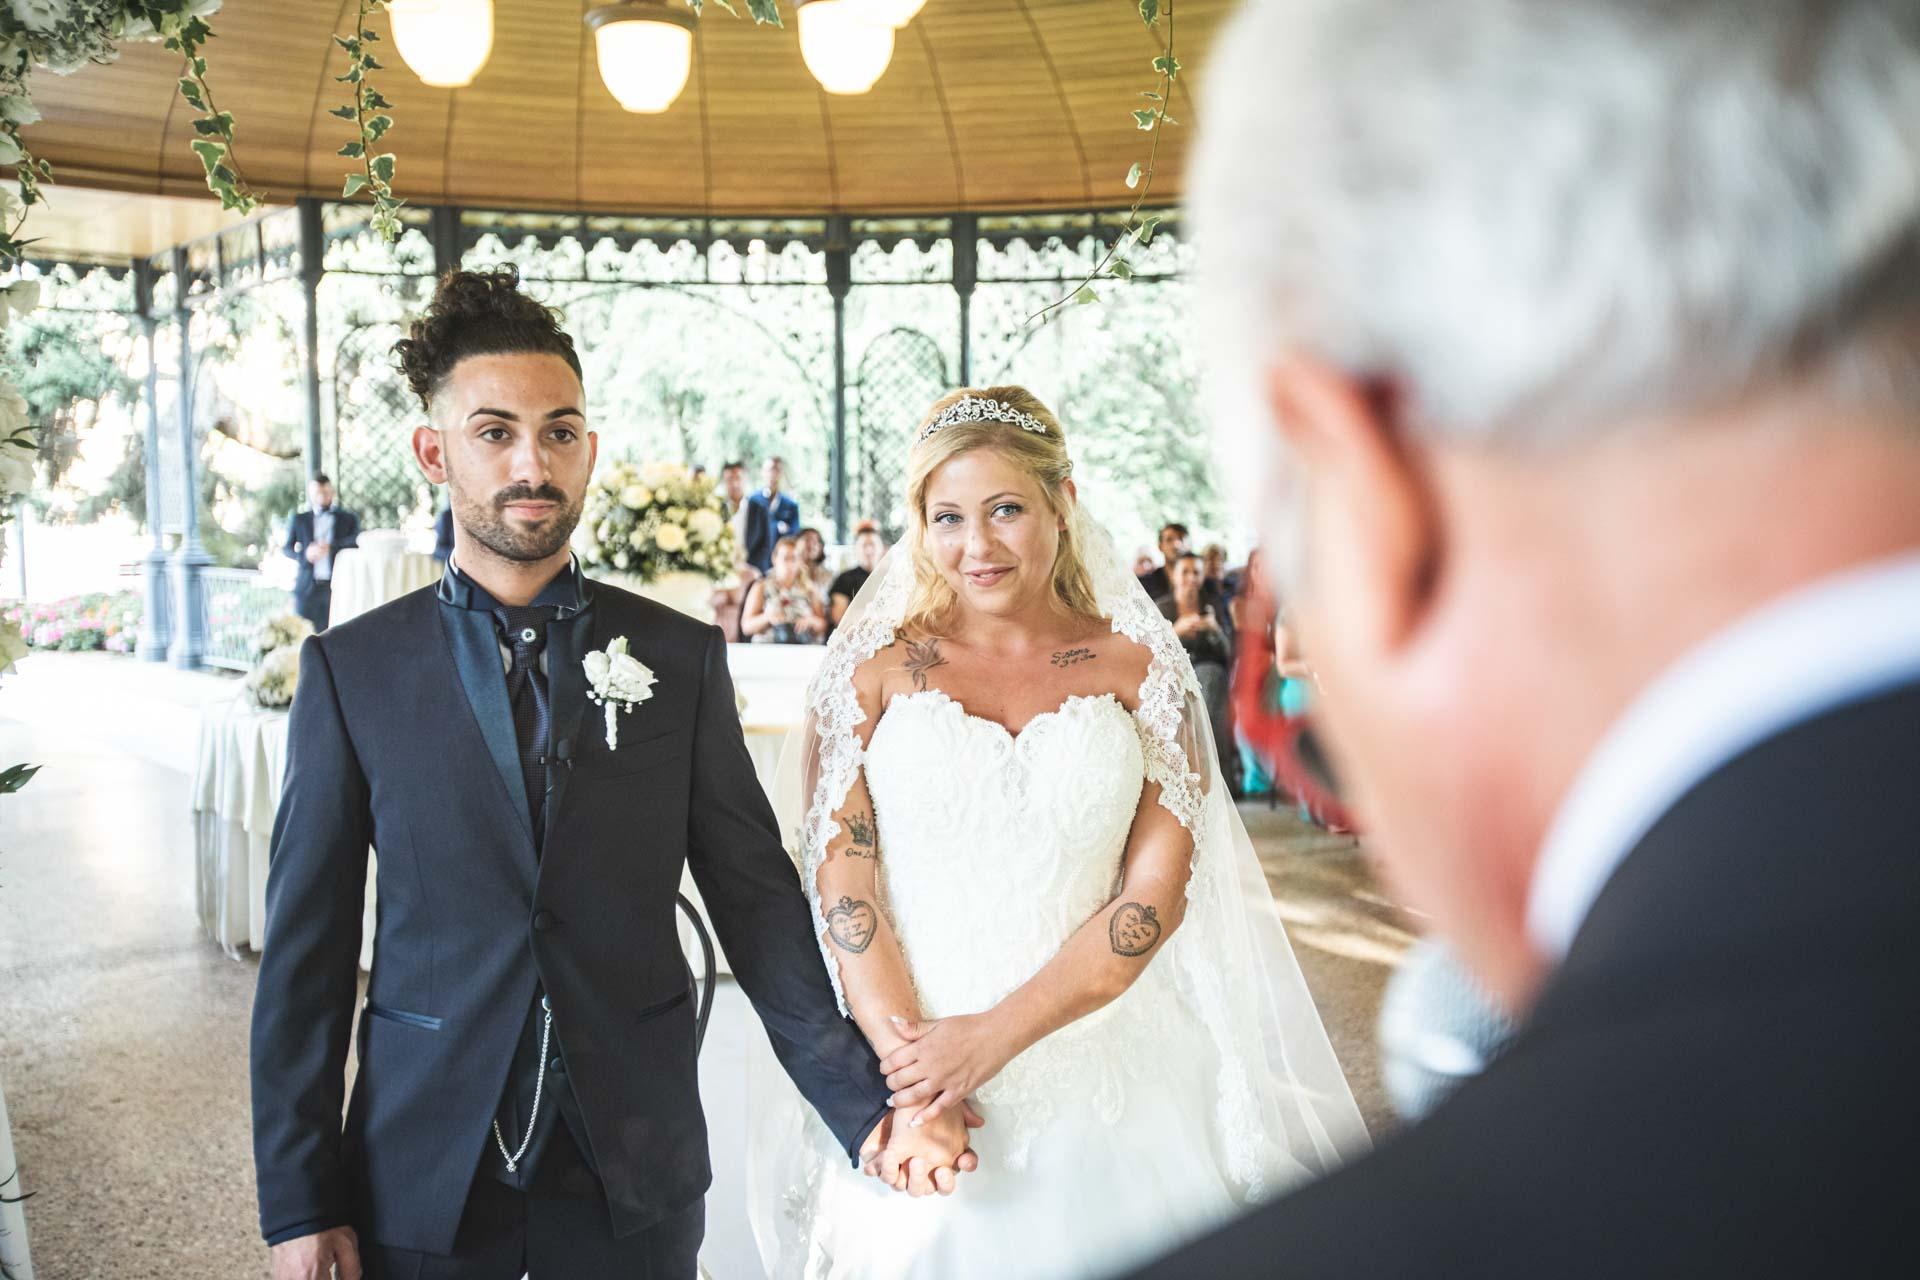 sposi matrimonio mano celebrazione